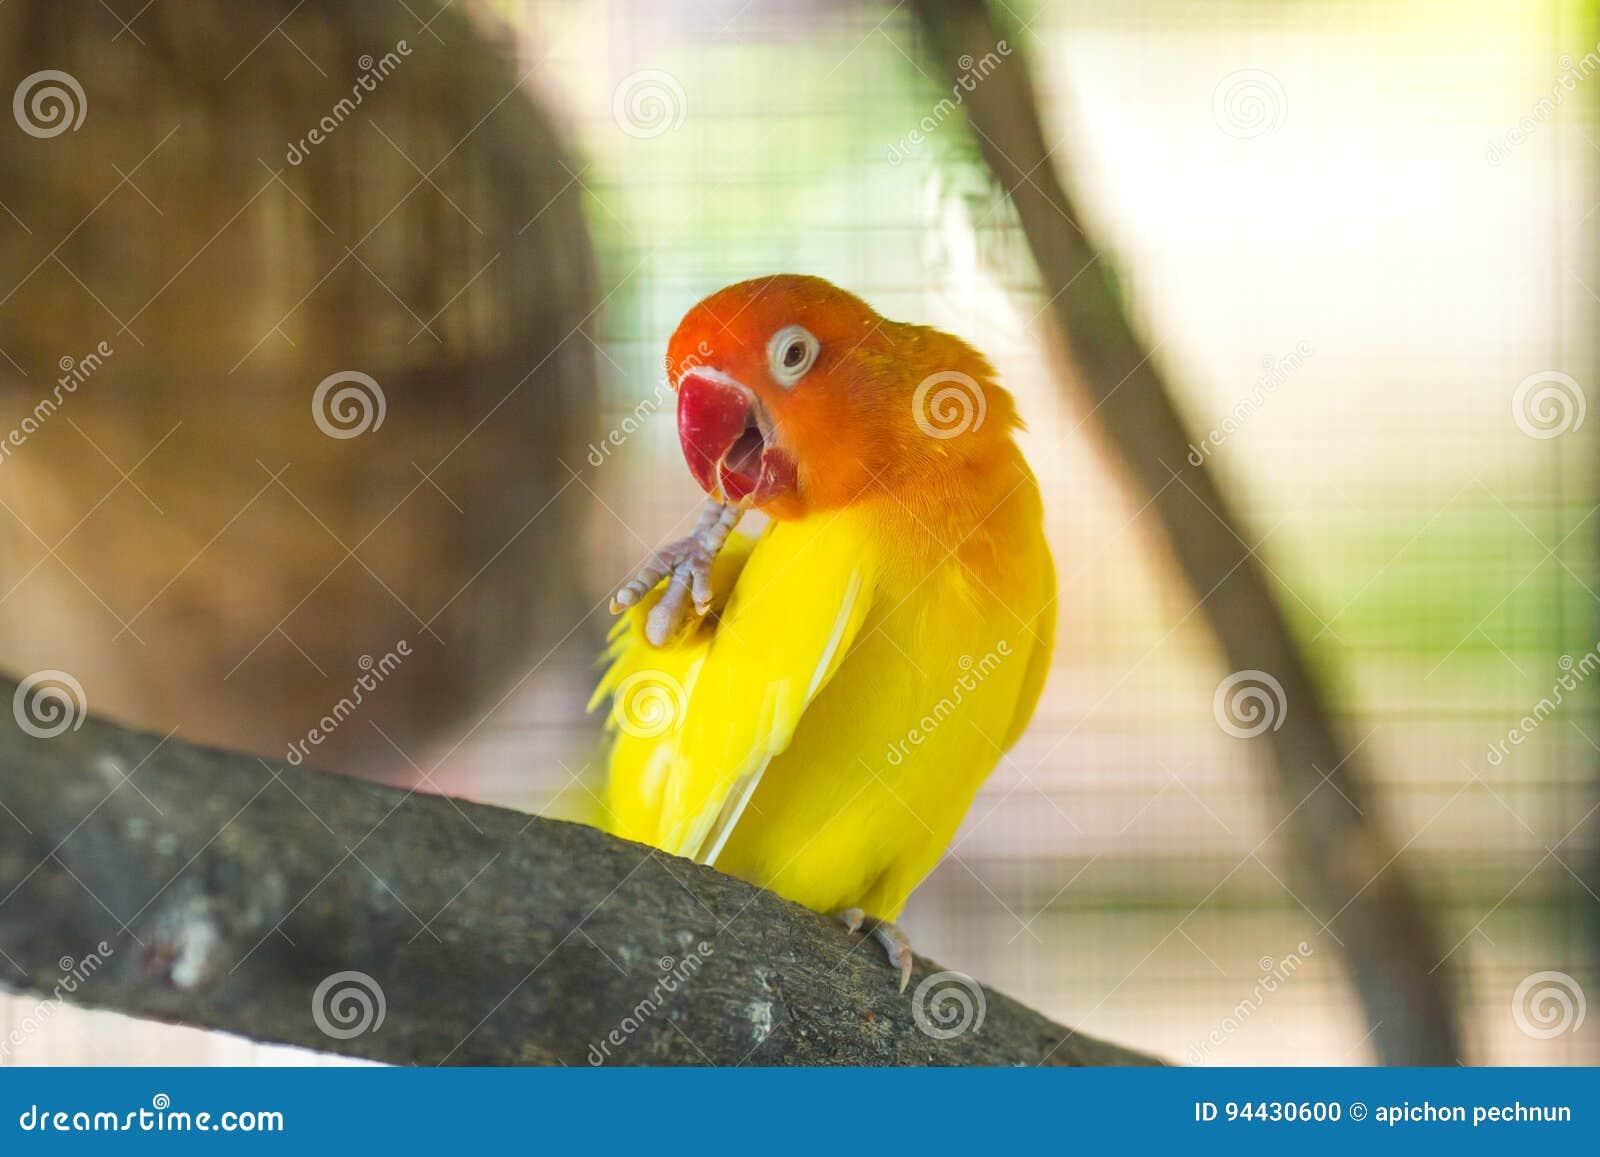 żółte Lovebird papugi siedzi na gałąź